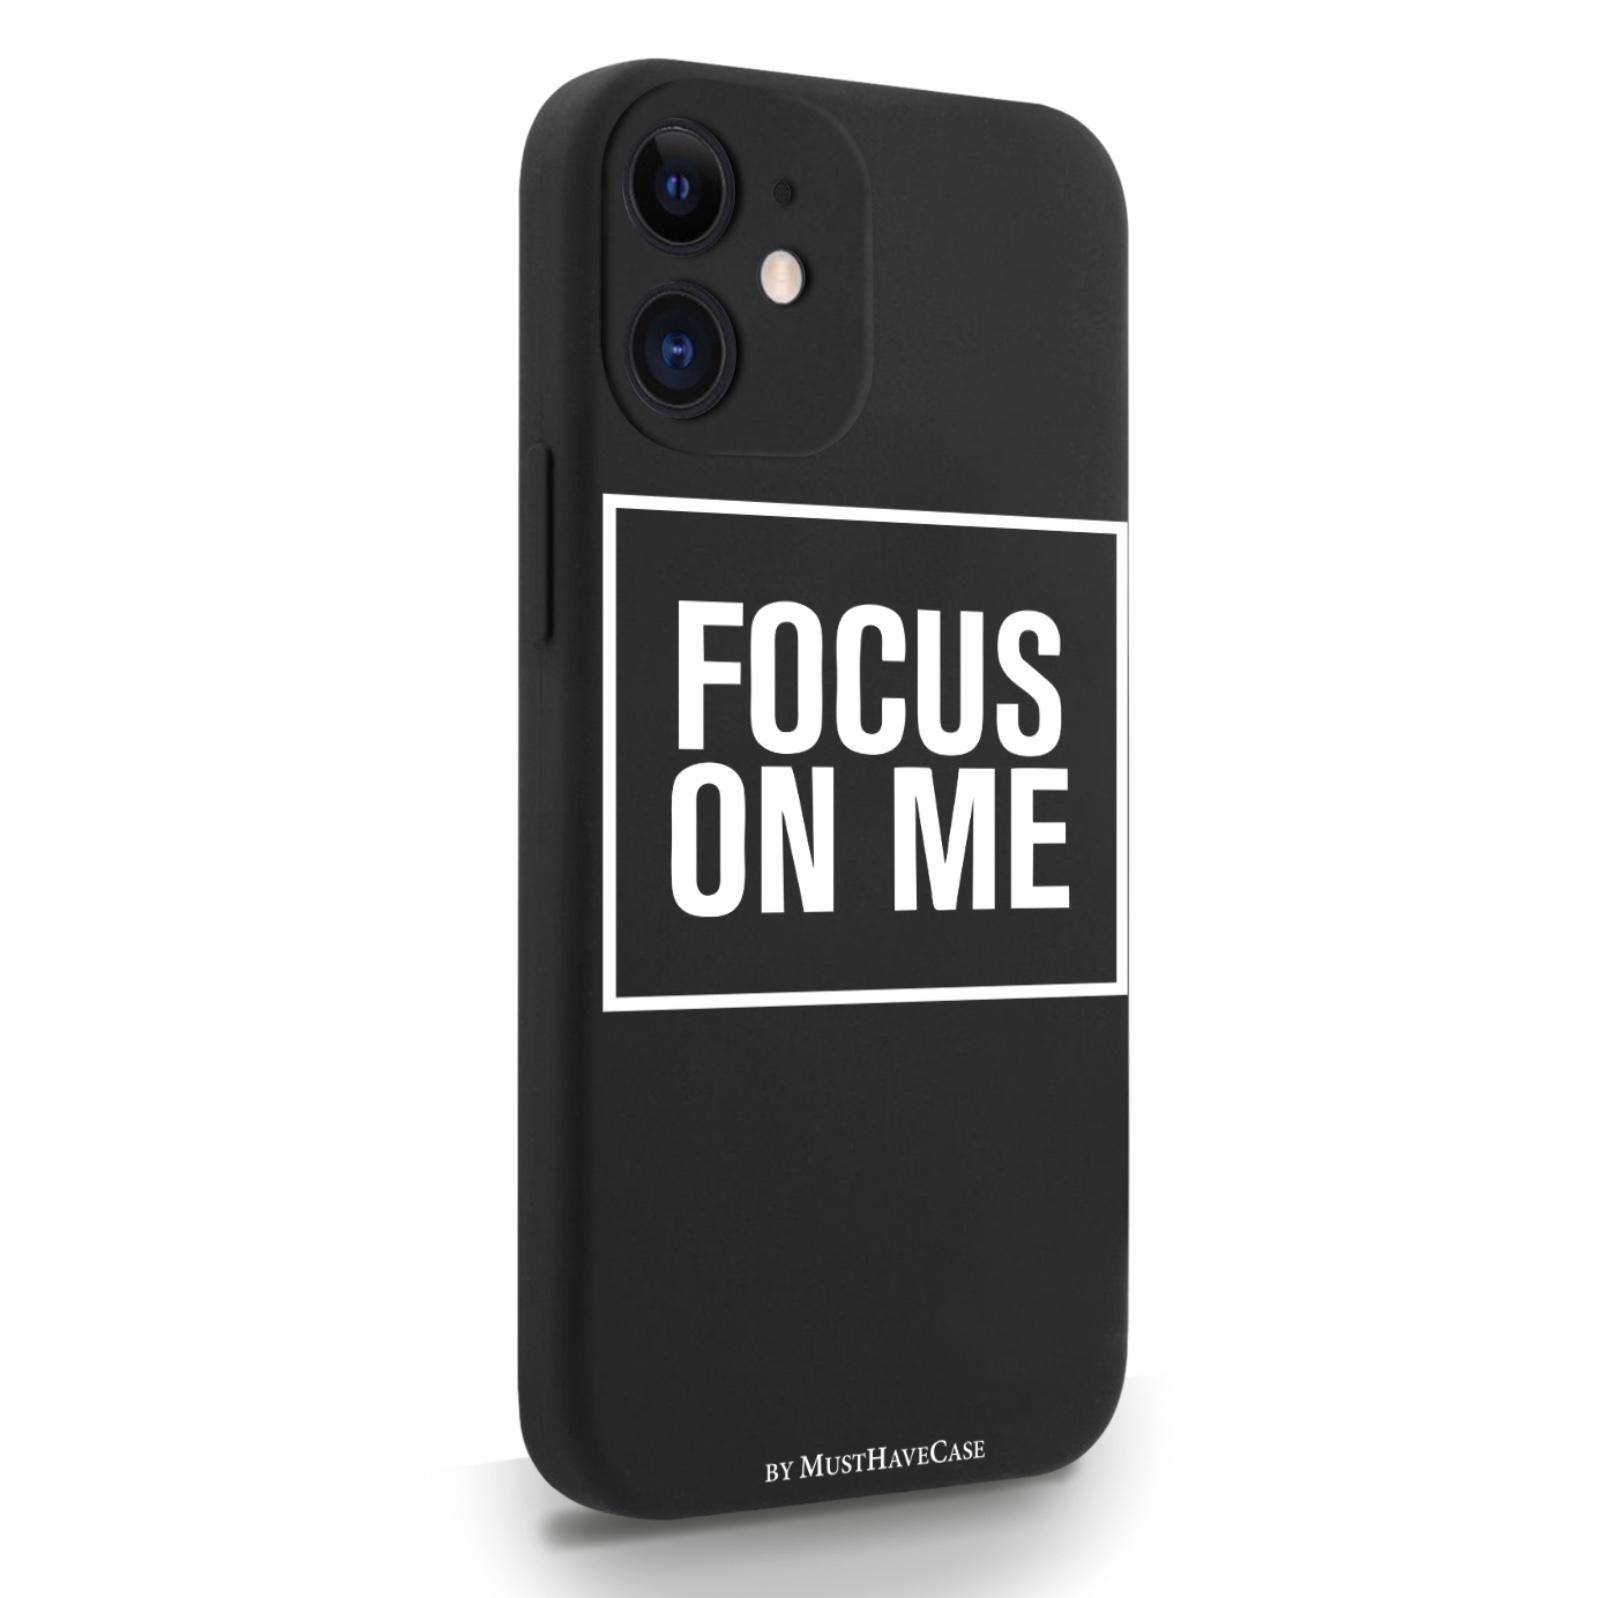 Черный силиконовый чехол для iPhone 12 Mini Focus on me для Айфон 12 Мини